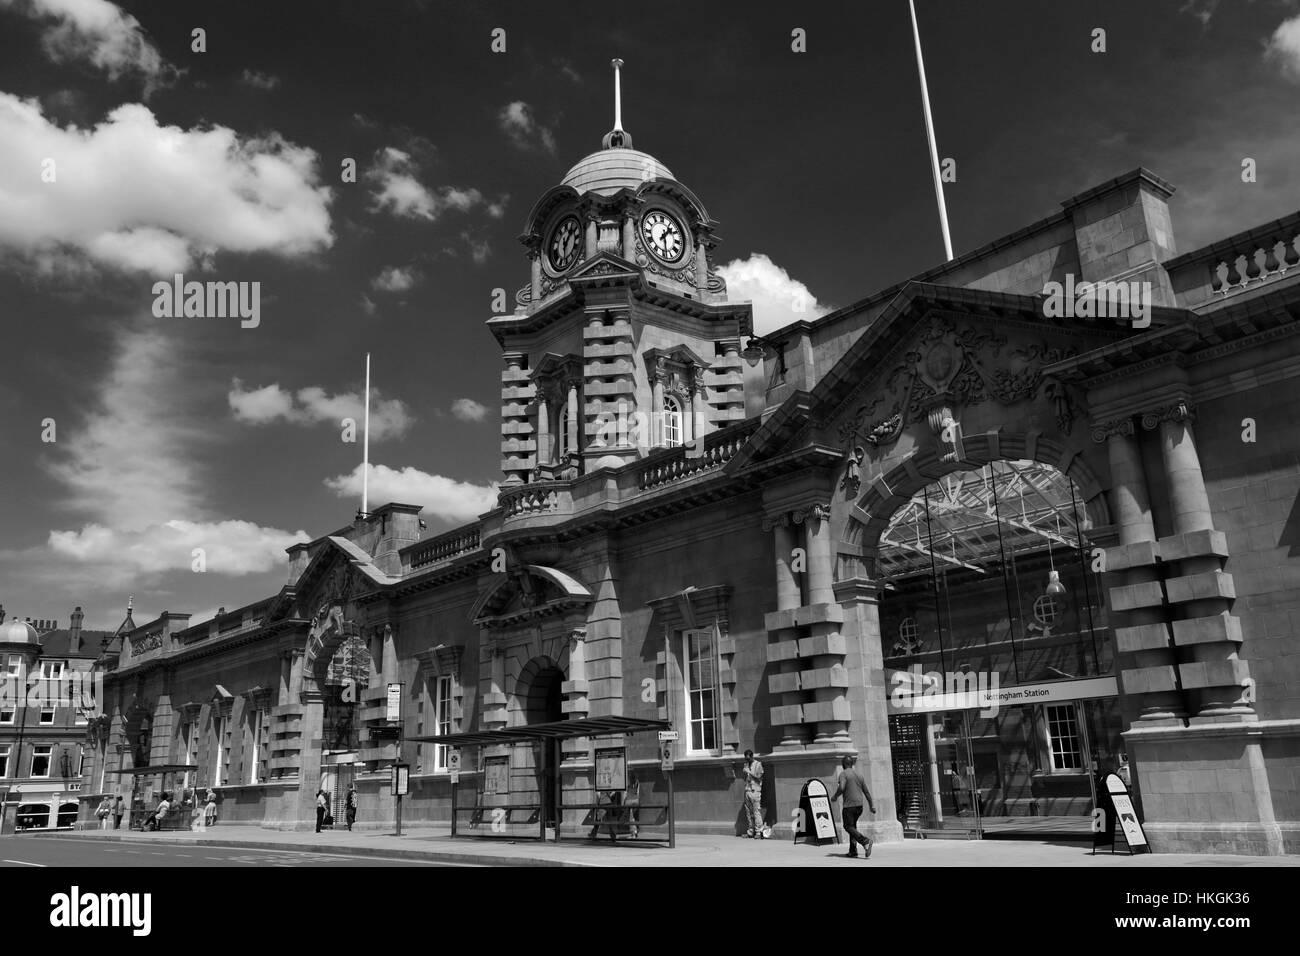 Frontage of Nottingham Railway station building; Nottingham city centre; Nottinghamshire; England; UK - Stock Image